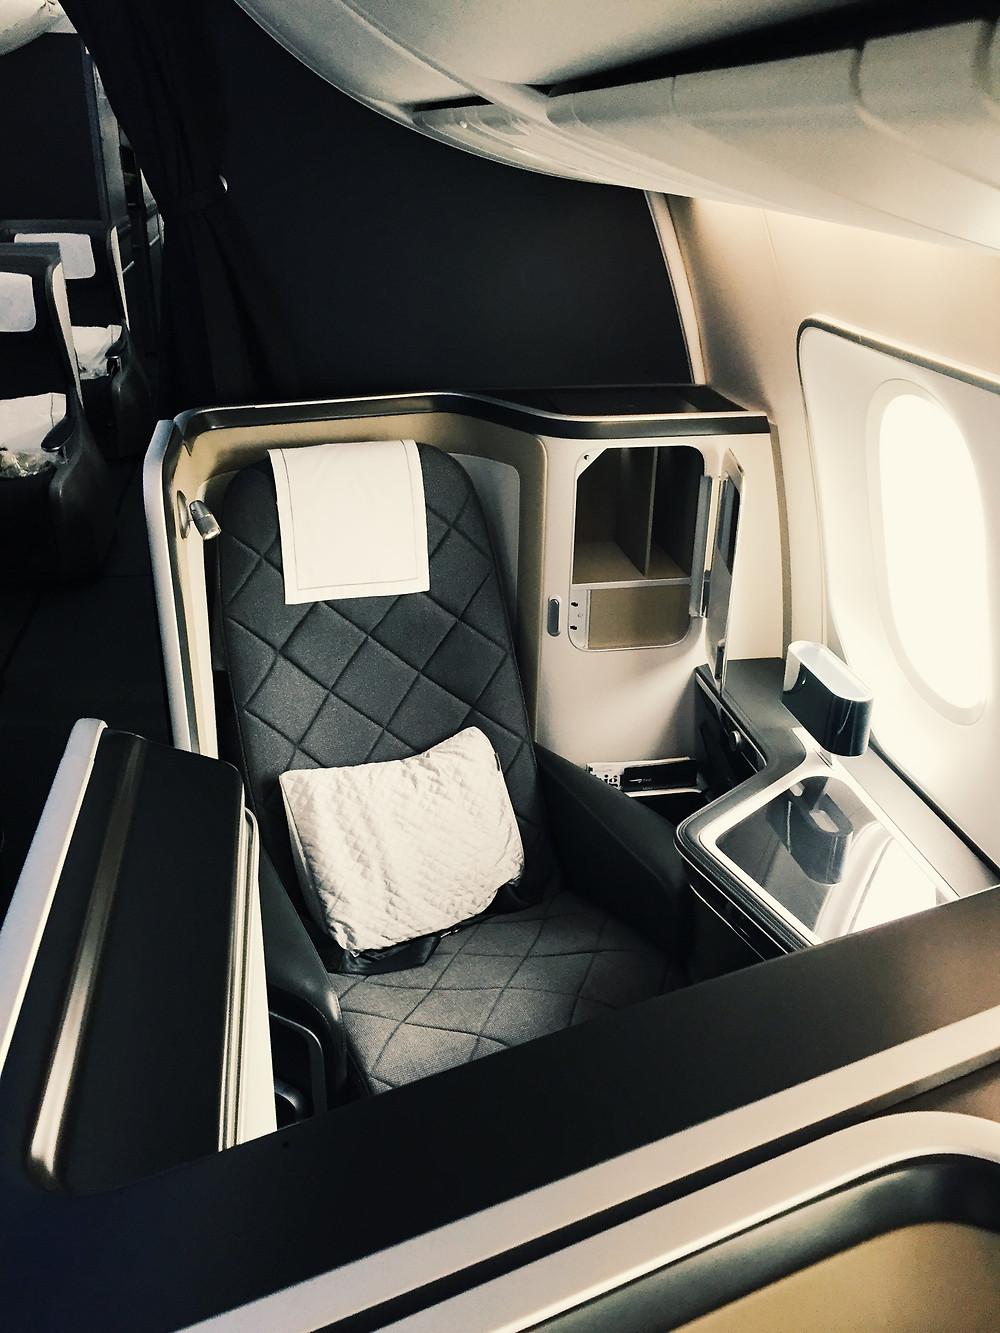 British Airways First Class, Seat 2A